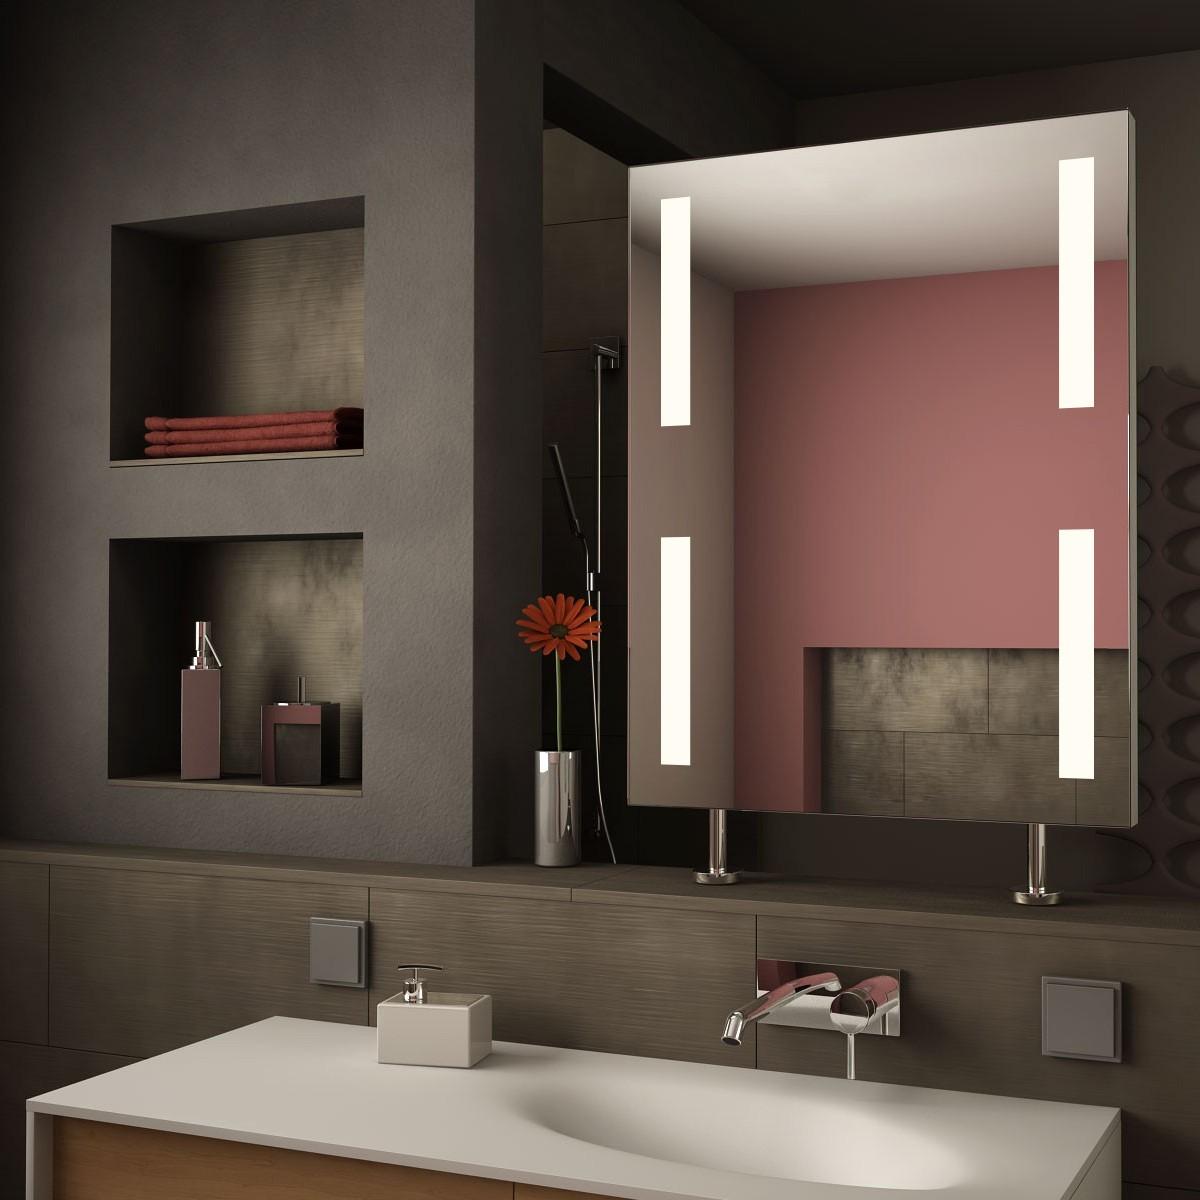 Spiegel Raumteiler Ungaro